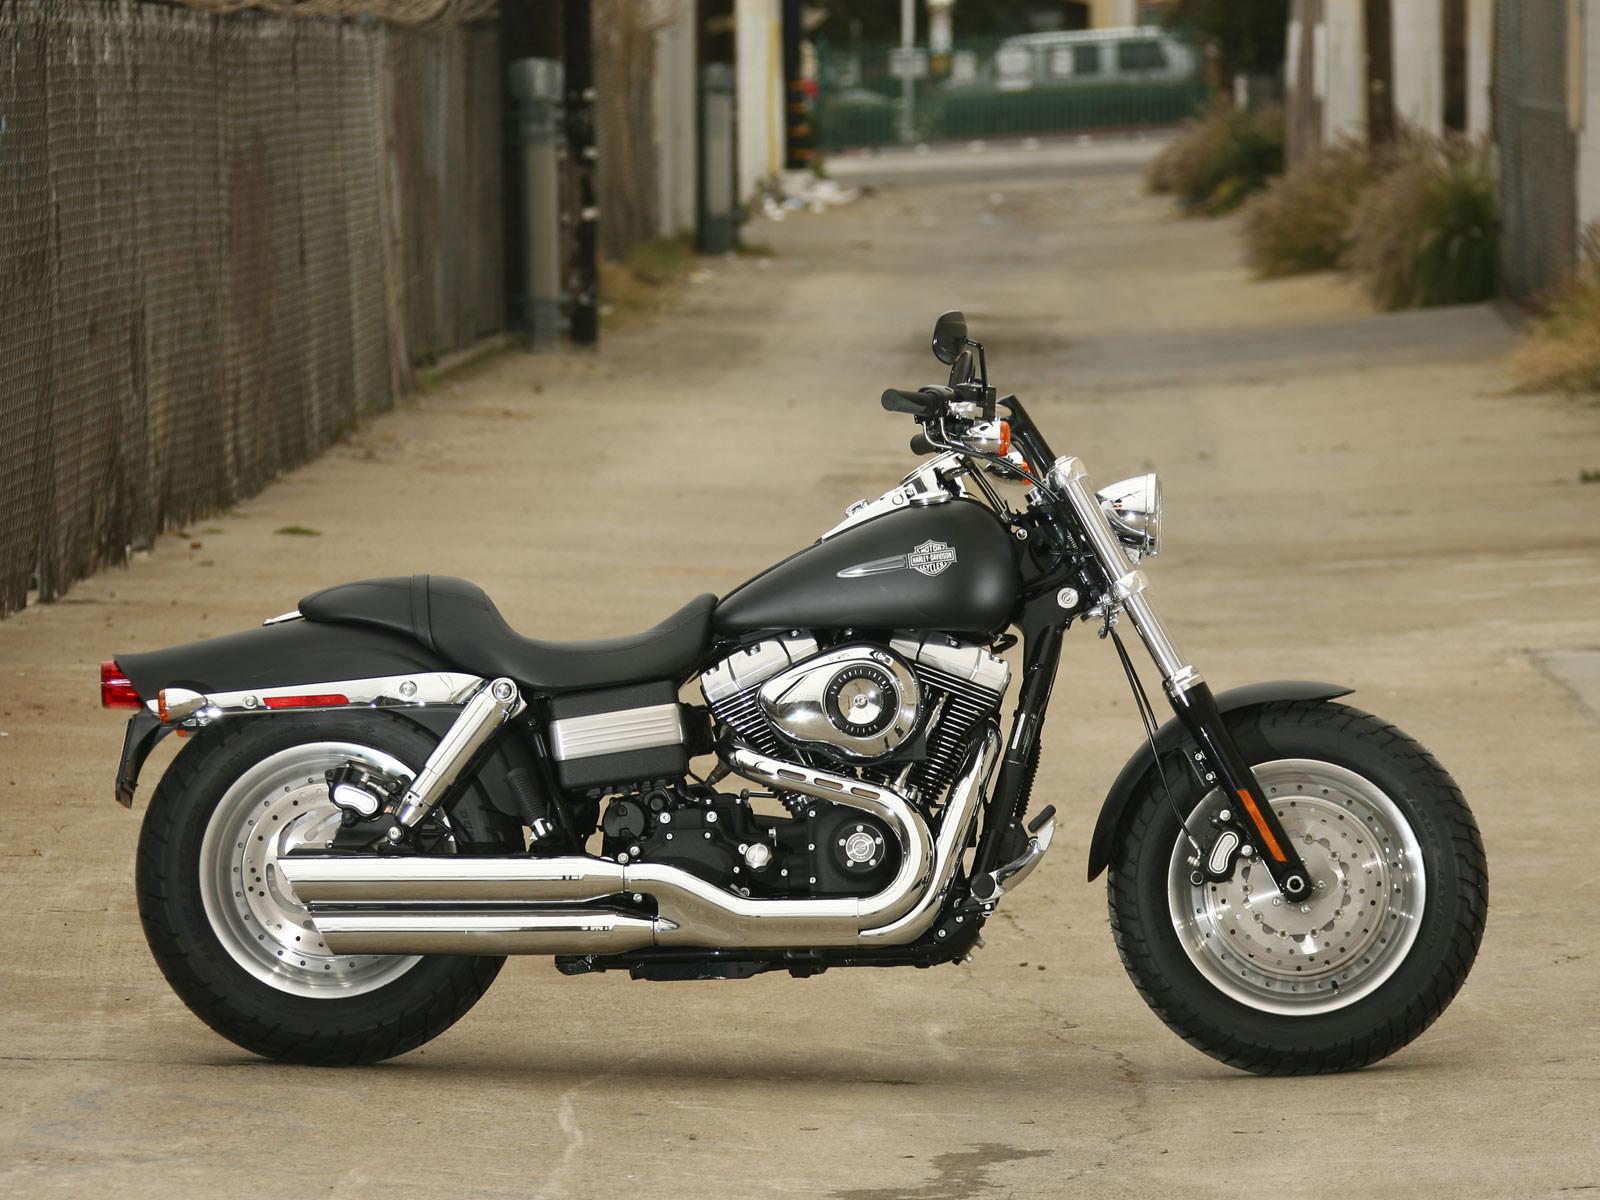 2009 Harley Davidson Fxdc Dyna Super Glide Custom Pictures: FXDC Dyna Super Glide Custom, 2008 Harley-Davidson Pictures